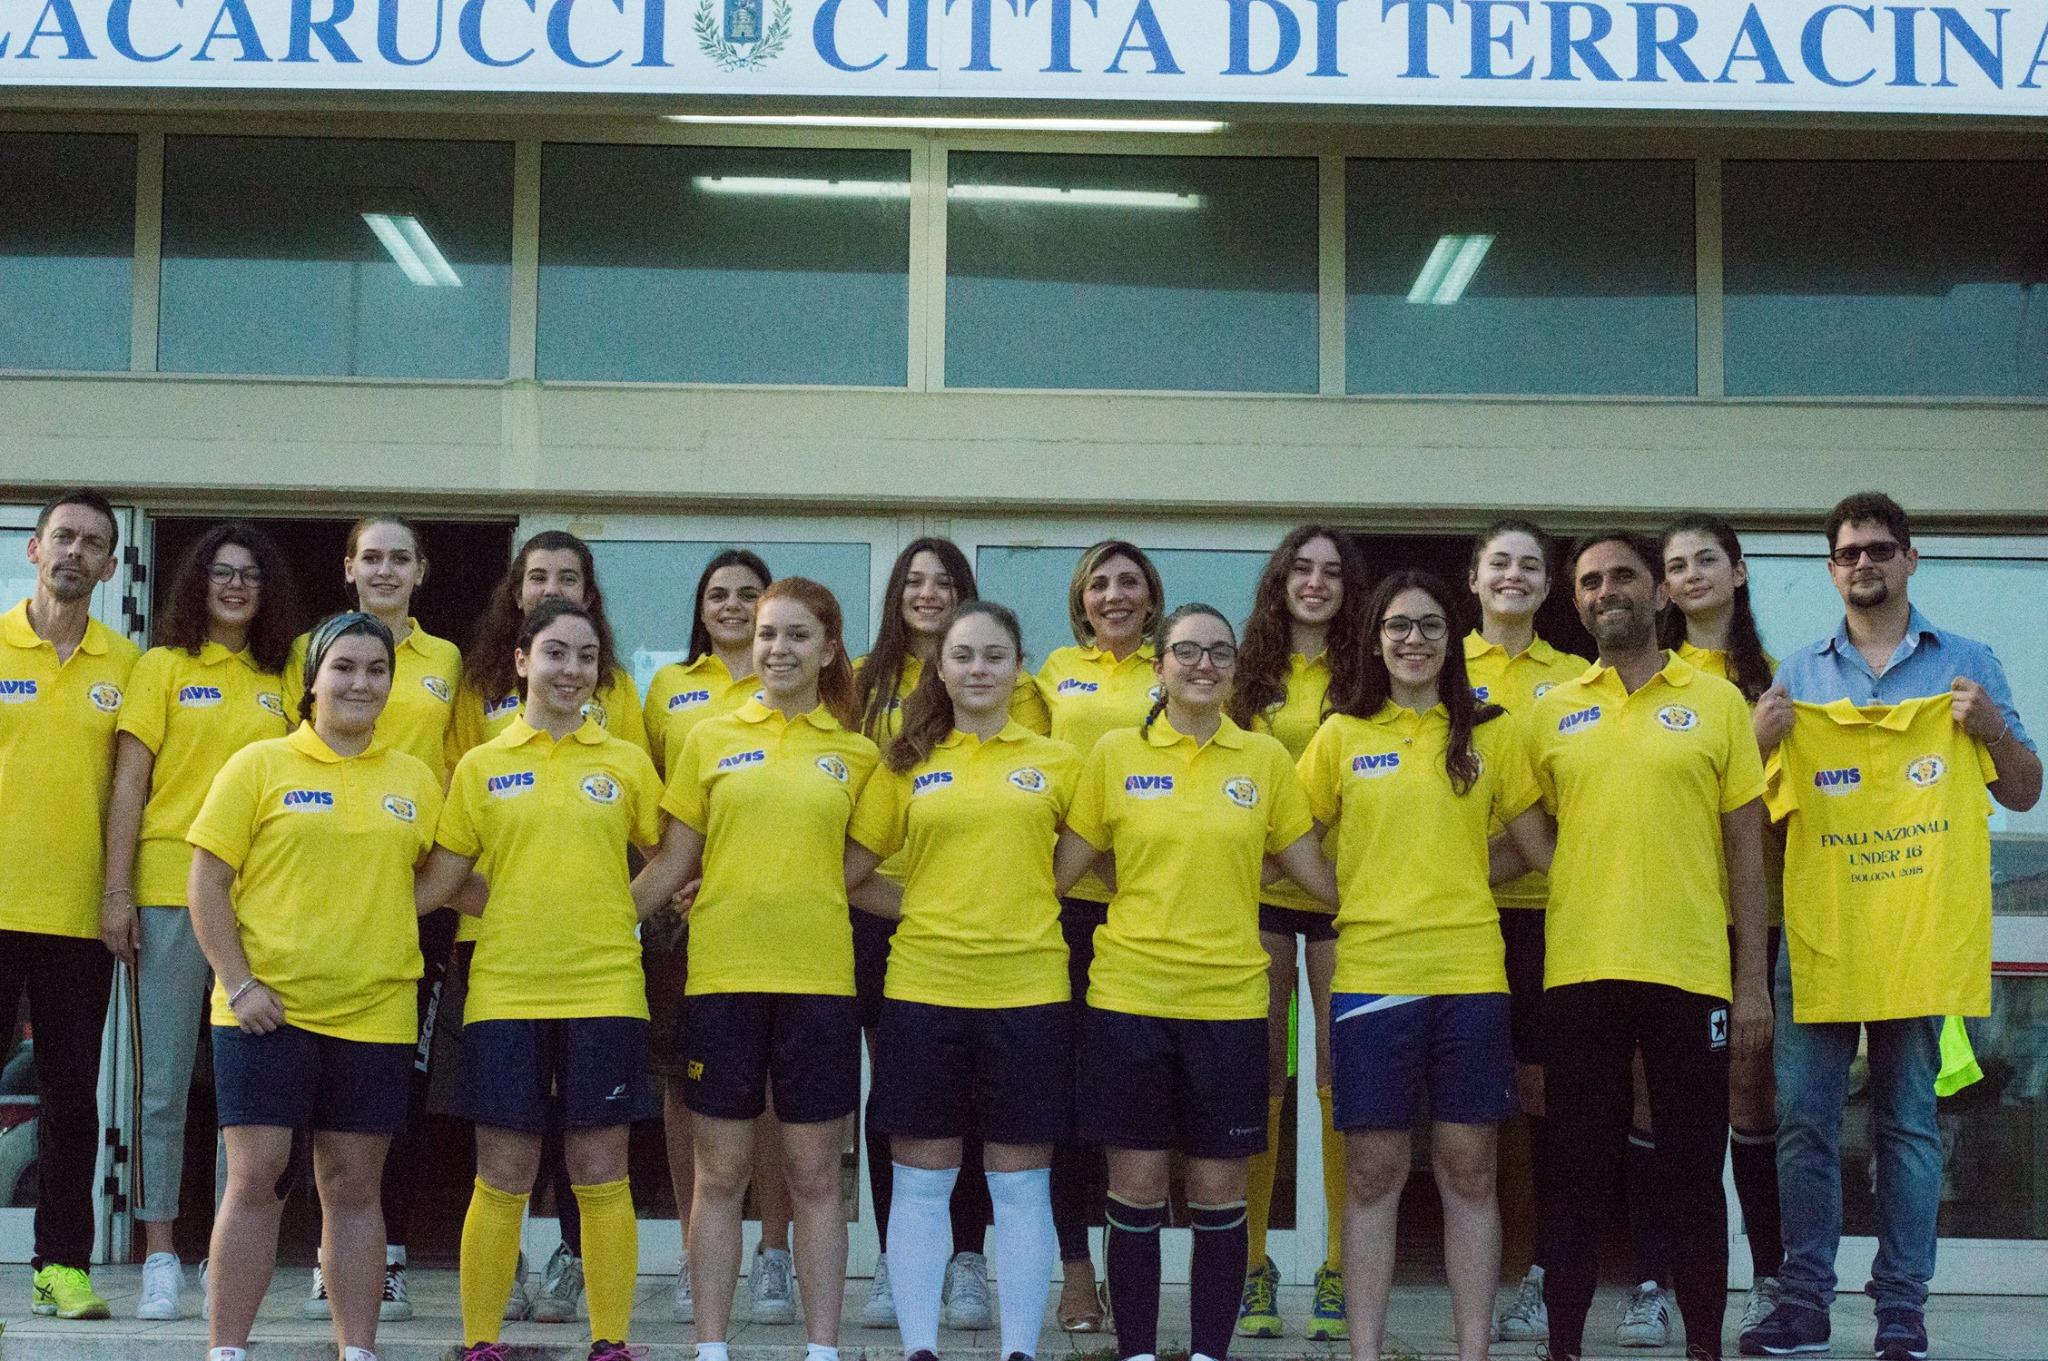 Pallavolo futura terracina '92. finali nazionali under 16 Bologna. anxur time